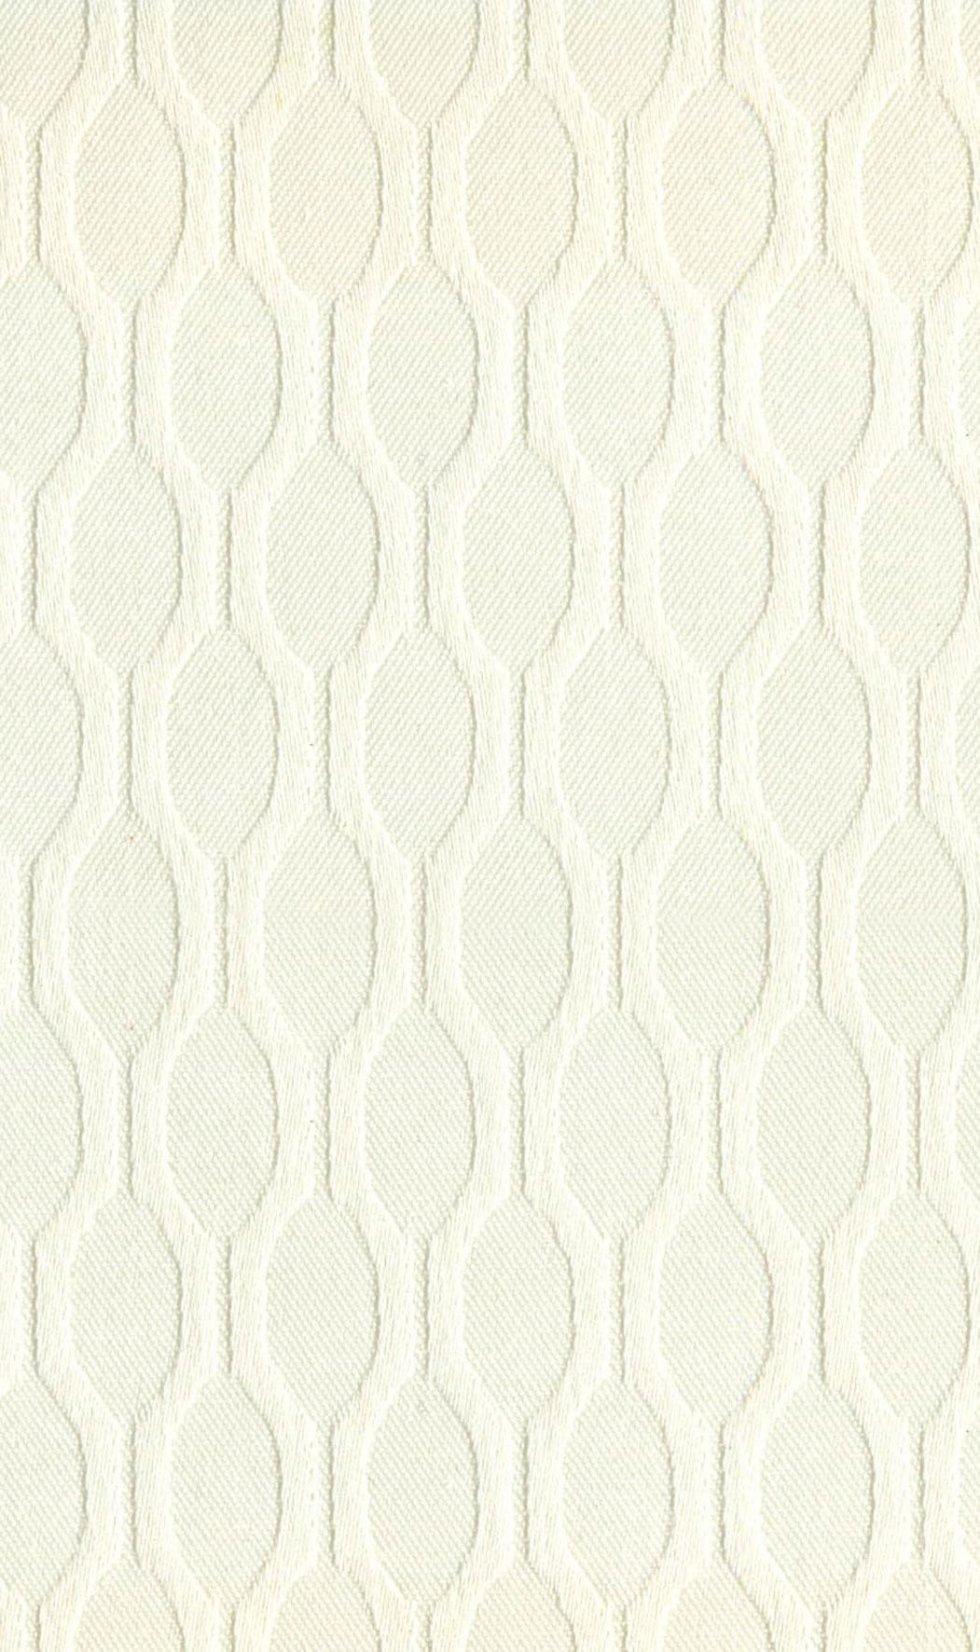 Ламели для вертикальных жалюзи «Пассаж» 180 см, цвет белый, 5 шт.